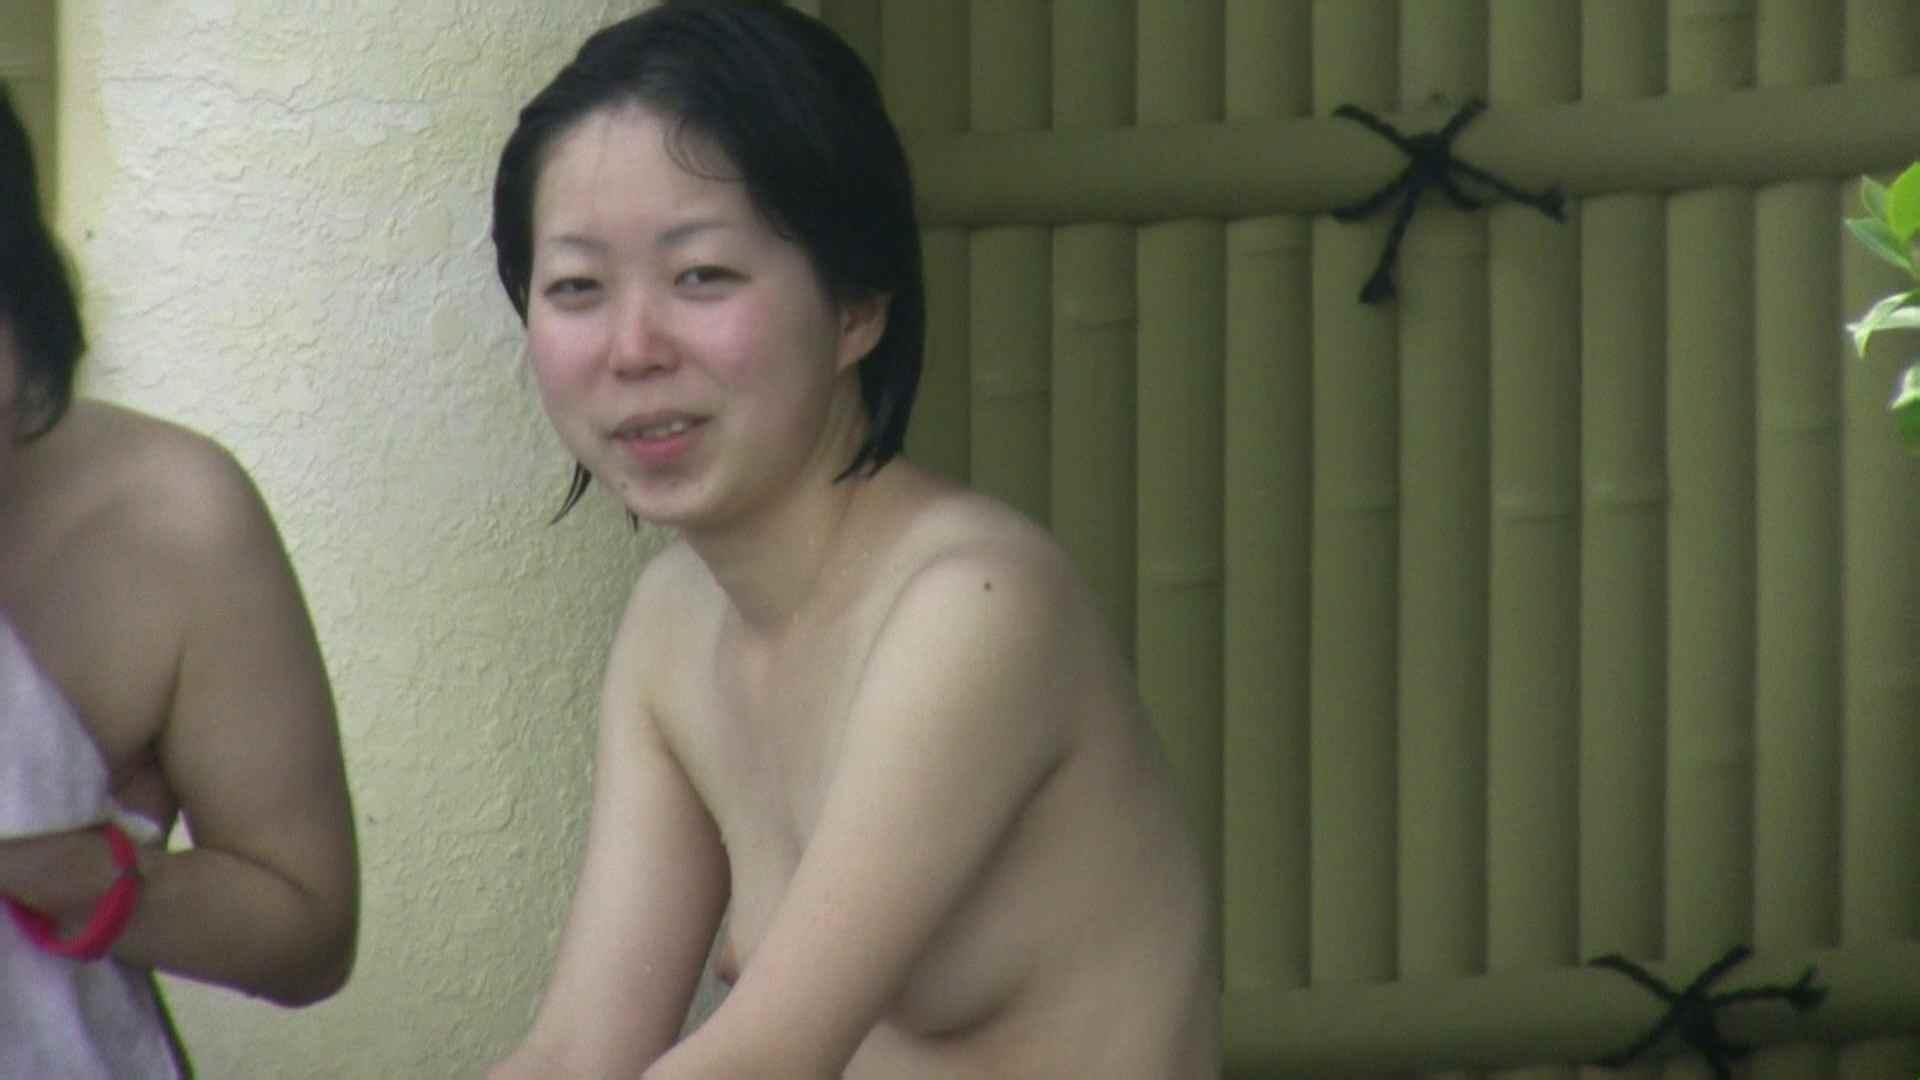 Aquaな露天風呂Vol.06【VIP】 盗撮  113PICs 102